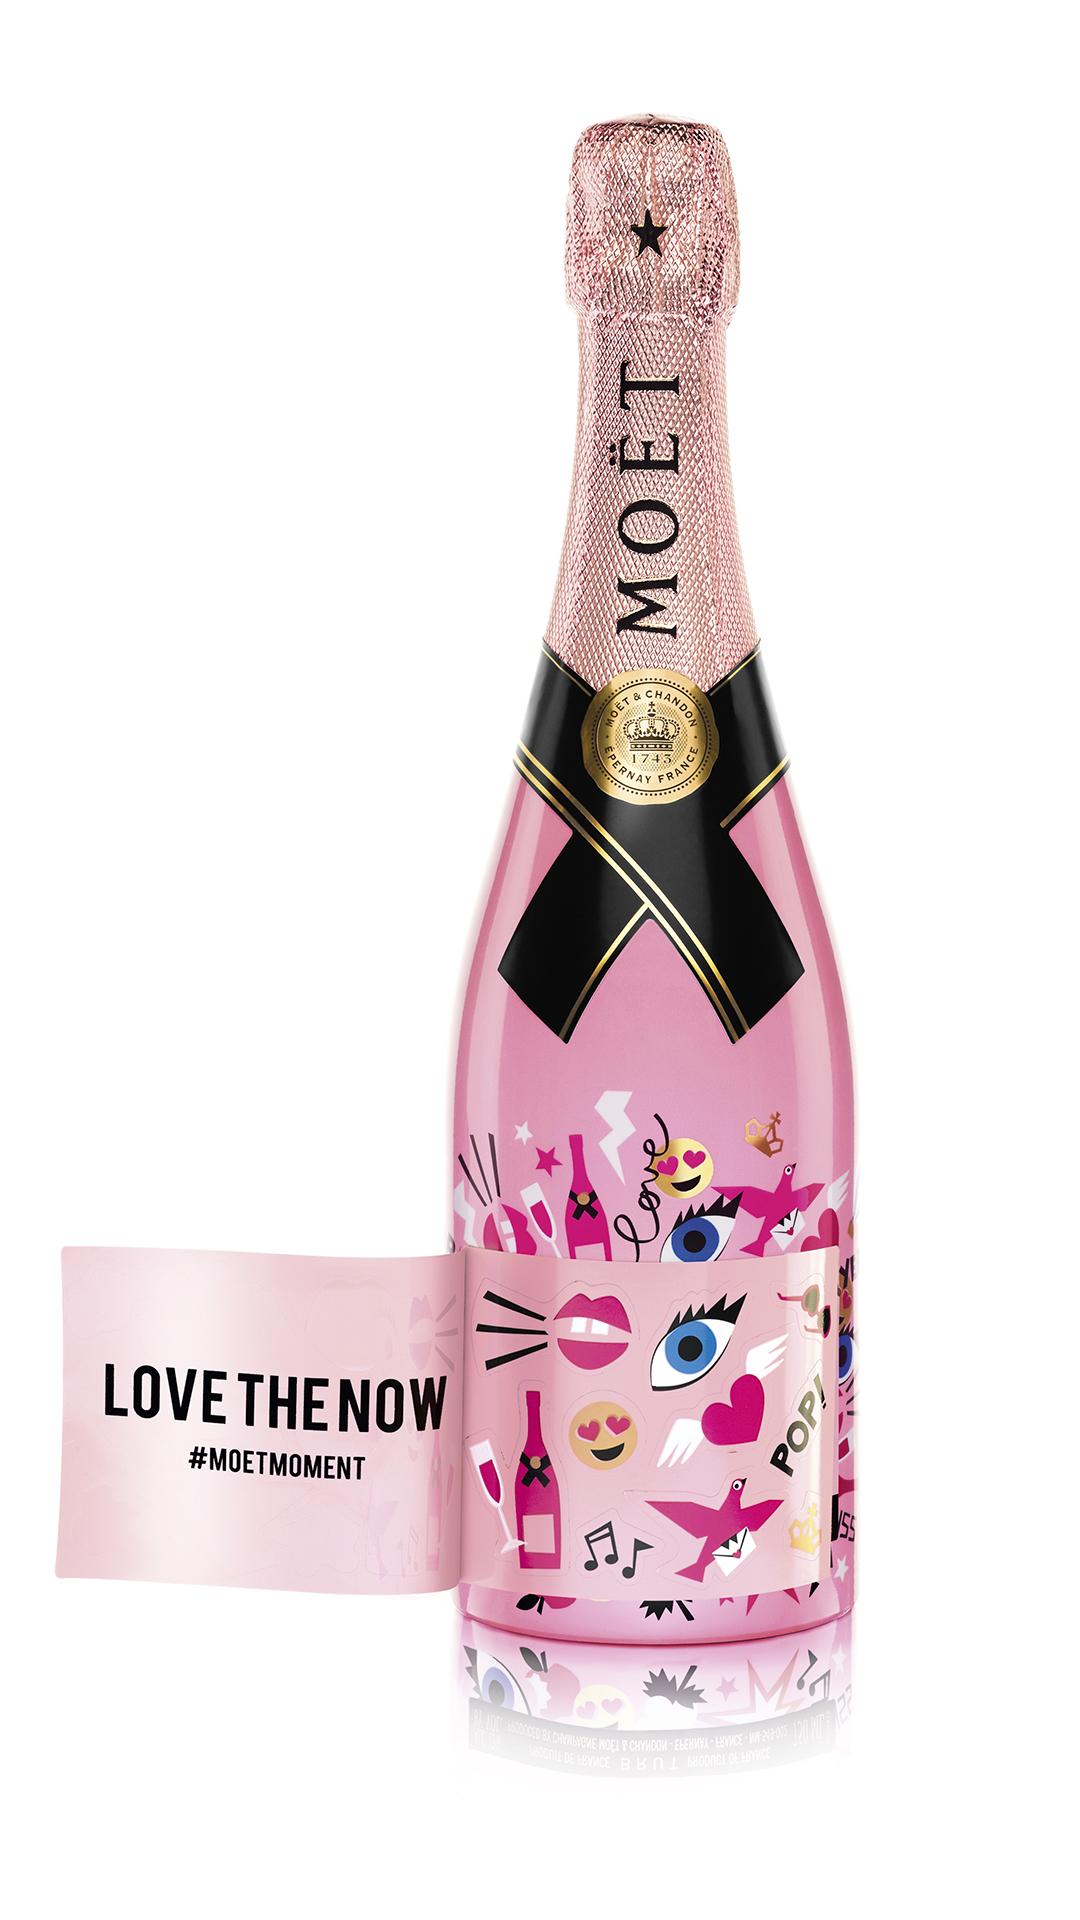 The Moët Rosé Impérial Emoëticons Limited Edition bottle, Moet & Chandon